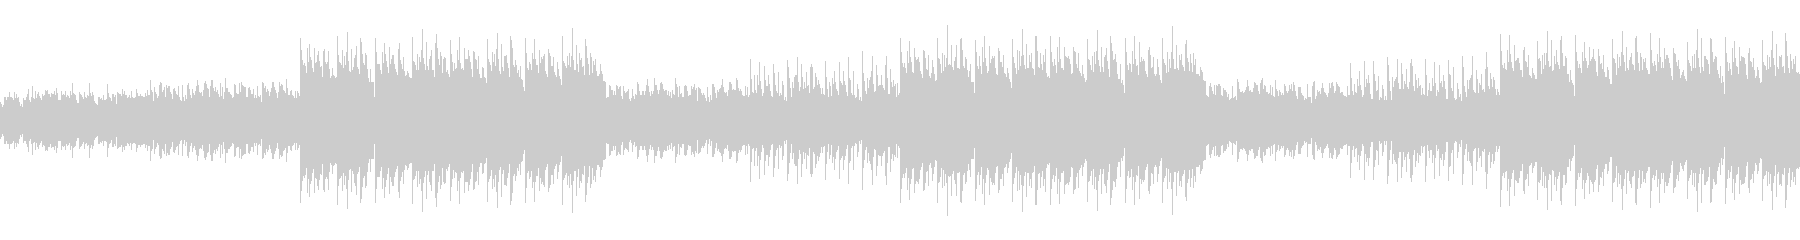 幻想的なエモラップ系ヒップホップBGMの未再生の波形